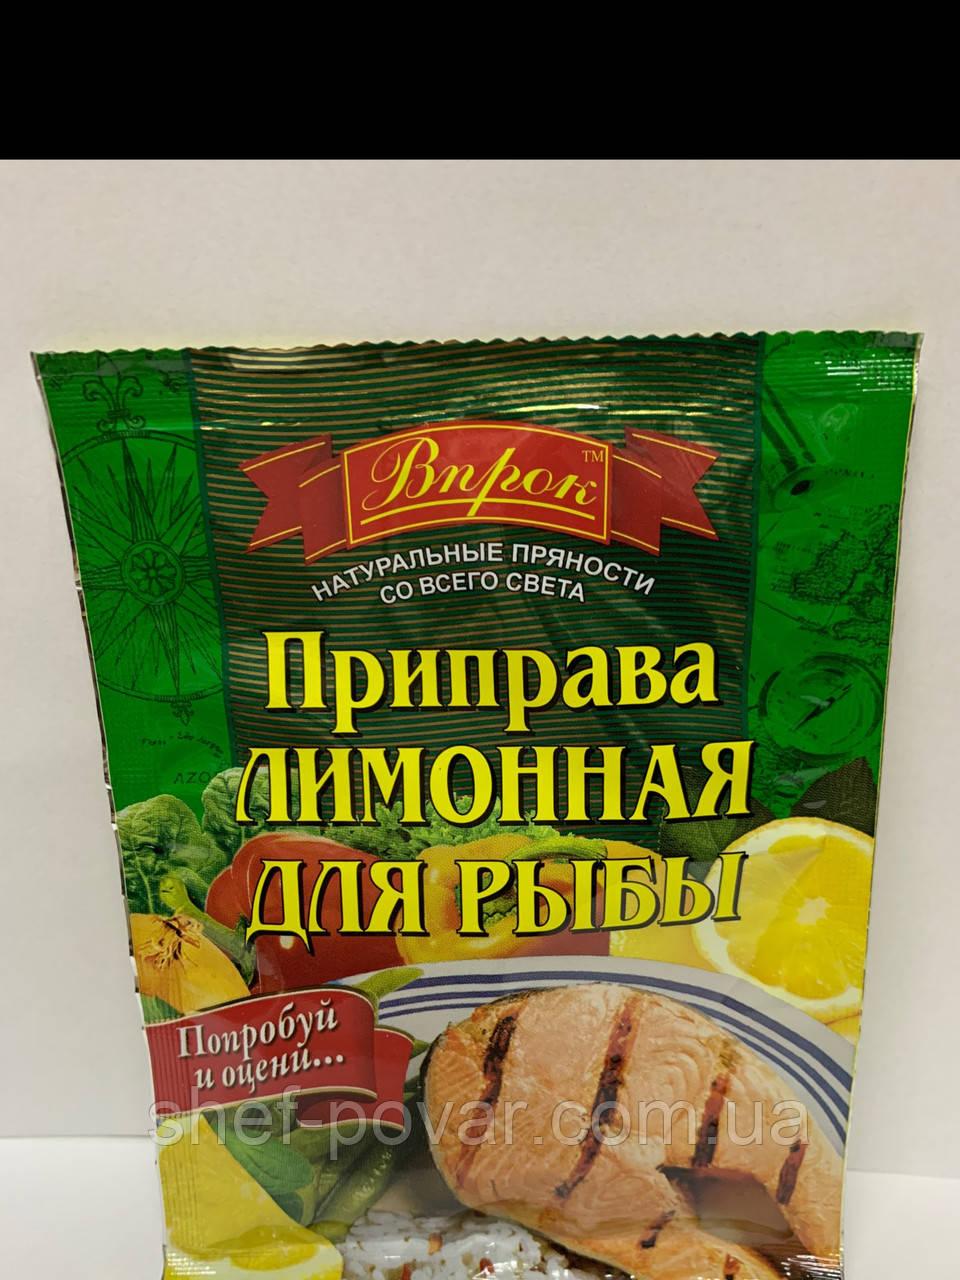 Приправа «Лимонная для рыбы» 30 гр. ТМ «Впрок»